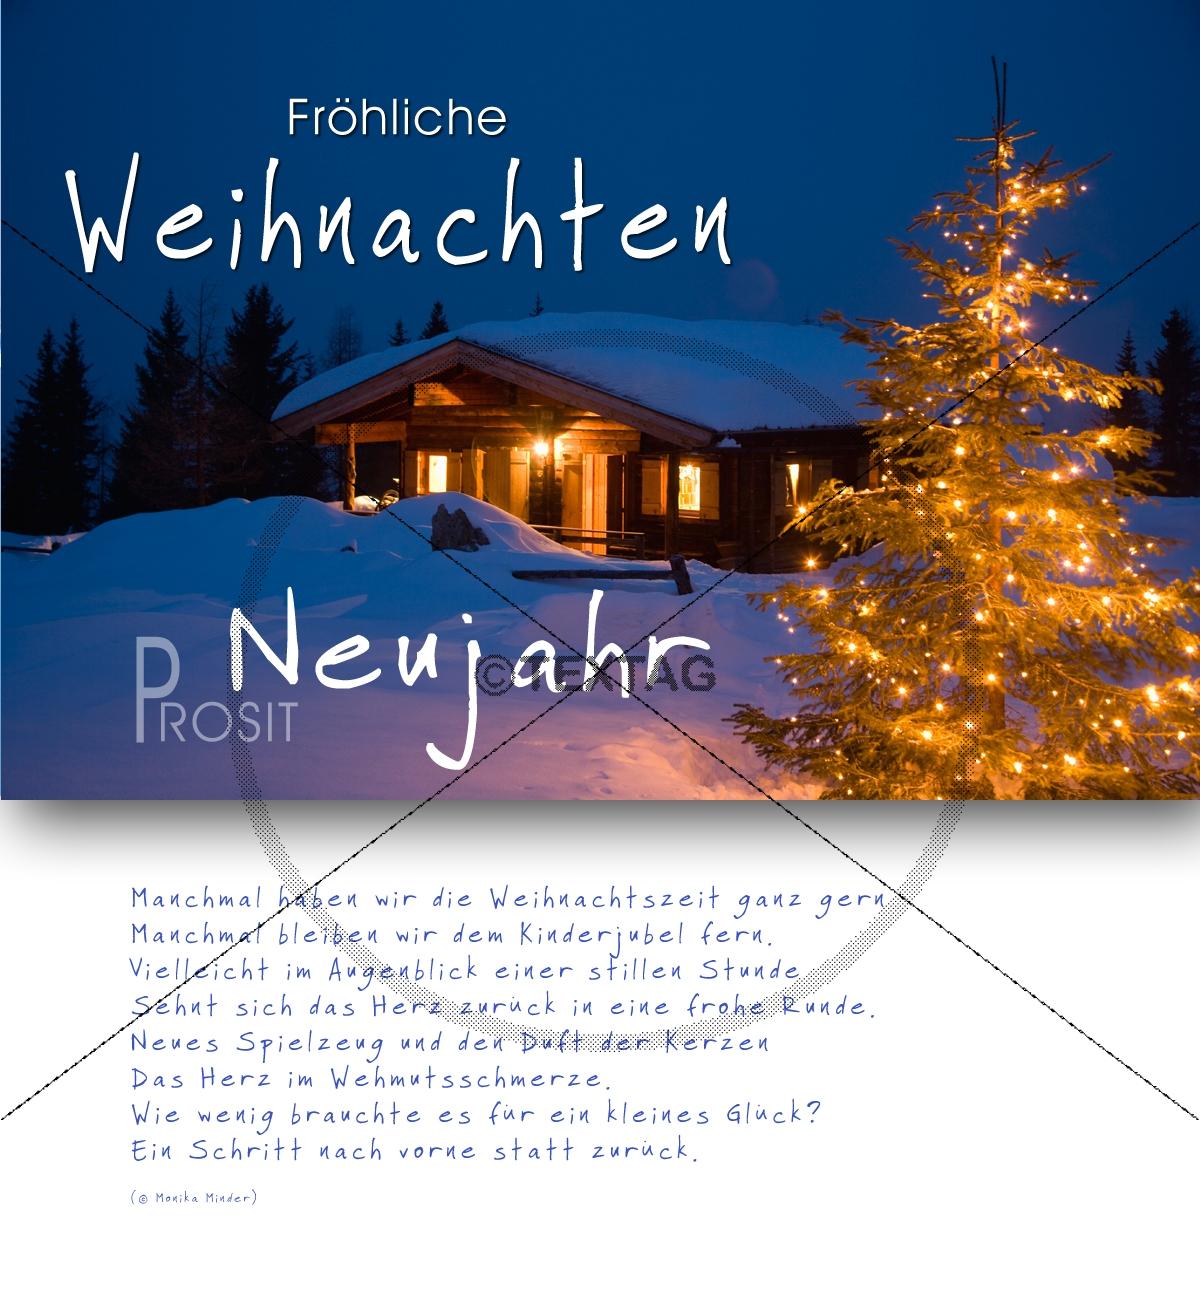 Weihnachtsgrüße Per E Mail An Kollegen.E Card Weihnachtsgrüße Aus Den Bergen 0120